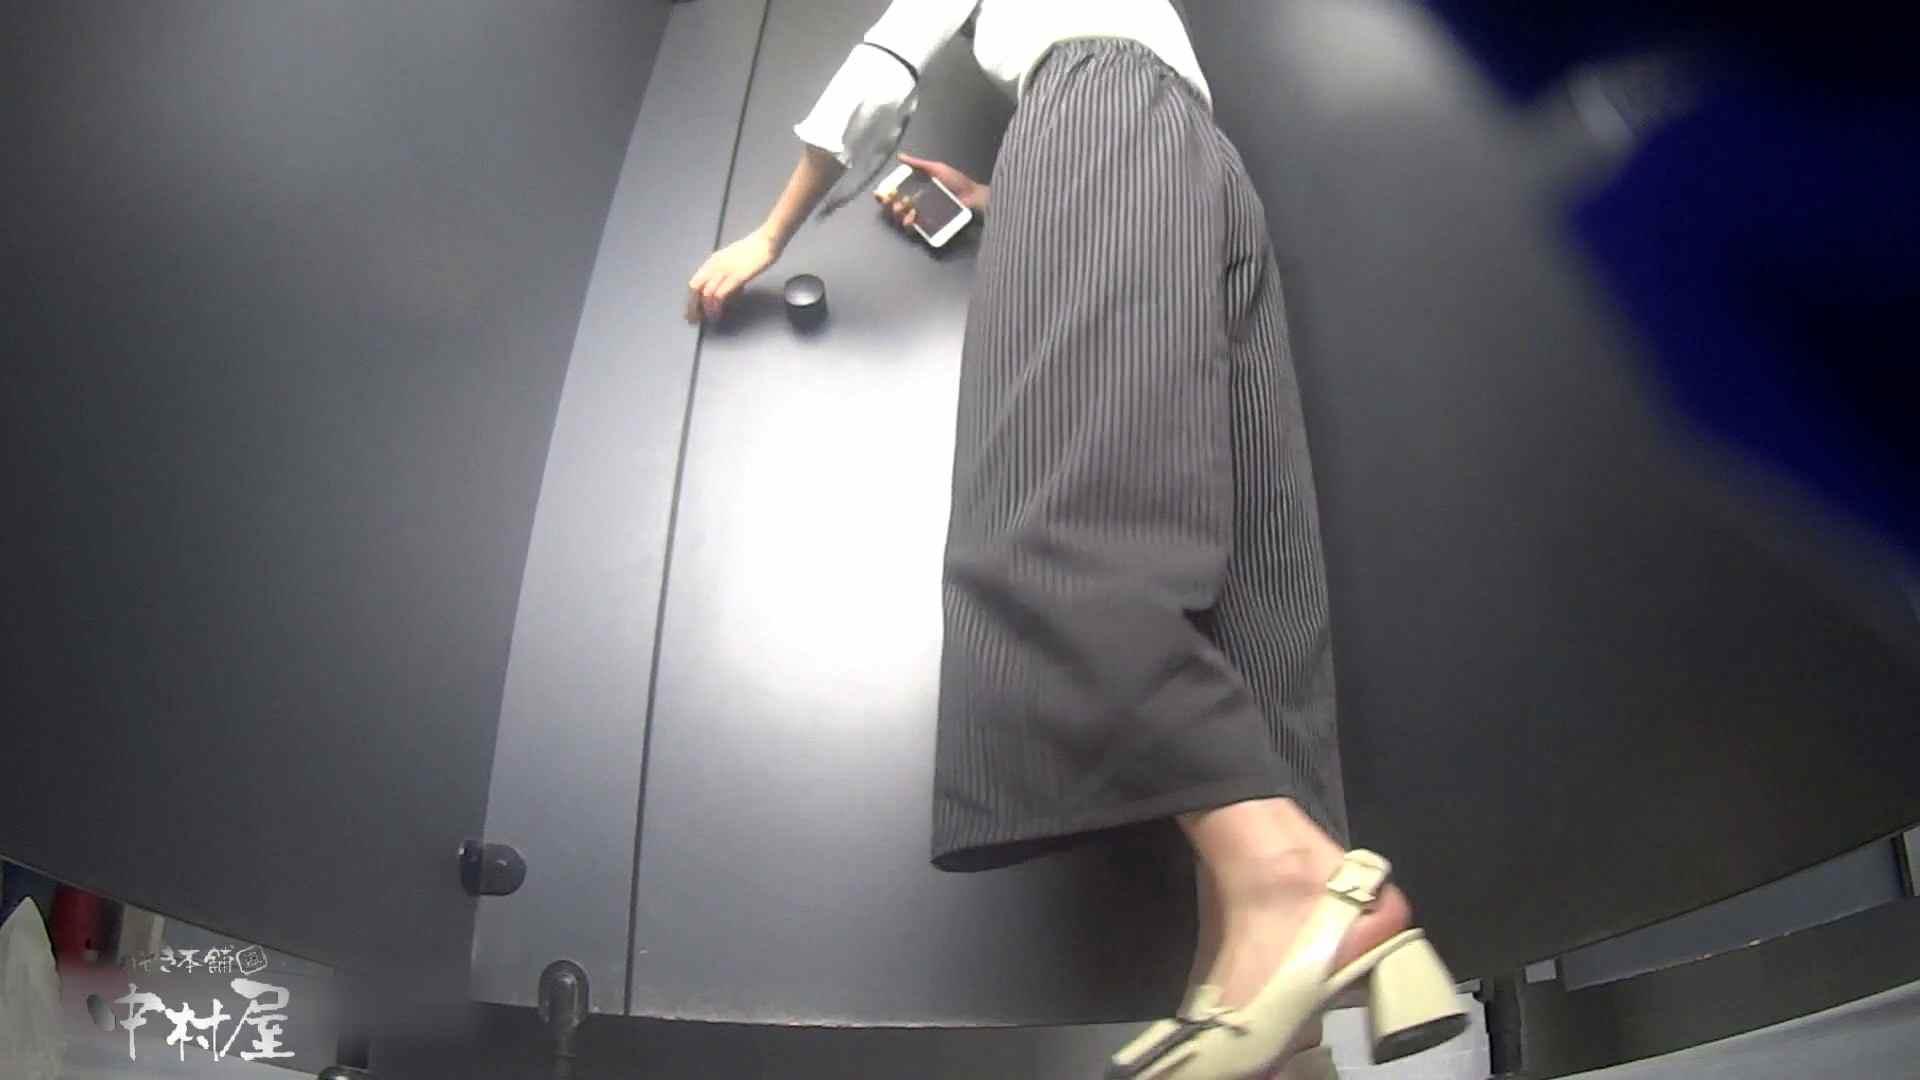 ツンデレお女市さんのトイレ事情 大学休憩時間の洗面所事情32 Hな美女 AV無料 102pic 46